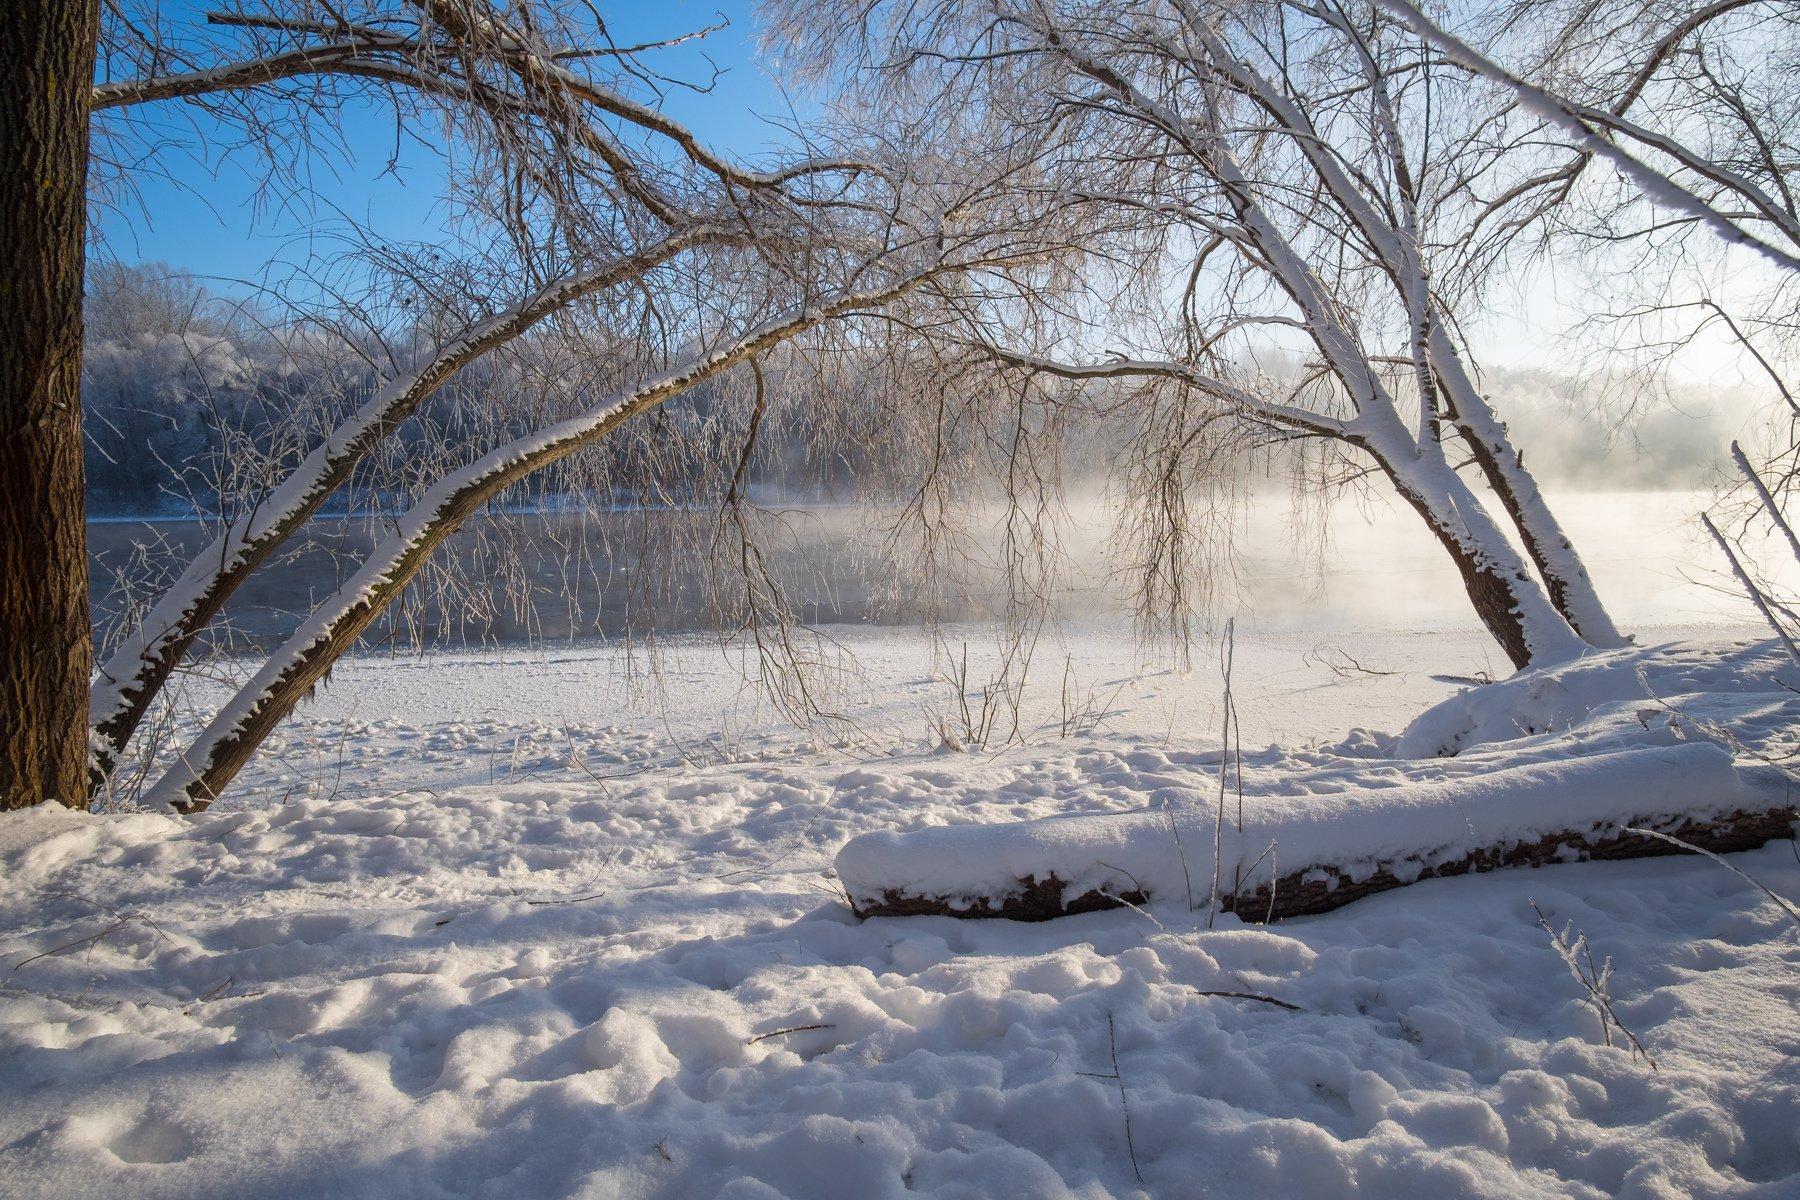 мороз,река,пейзаж,природа,зима,winter,landscape,nature,rivers, Александр Арендарь